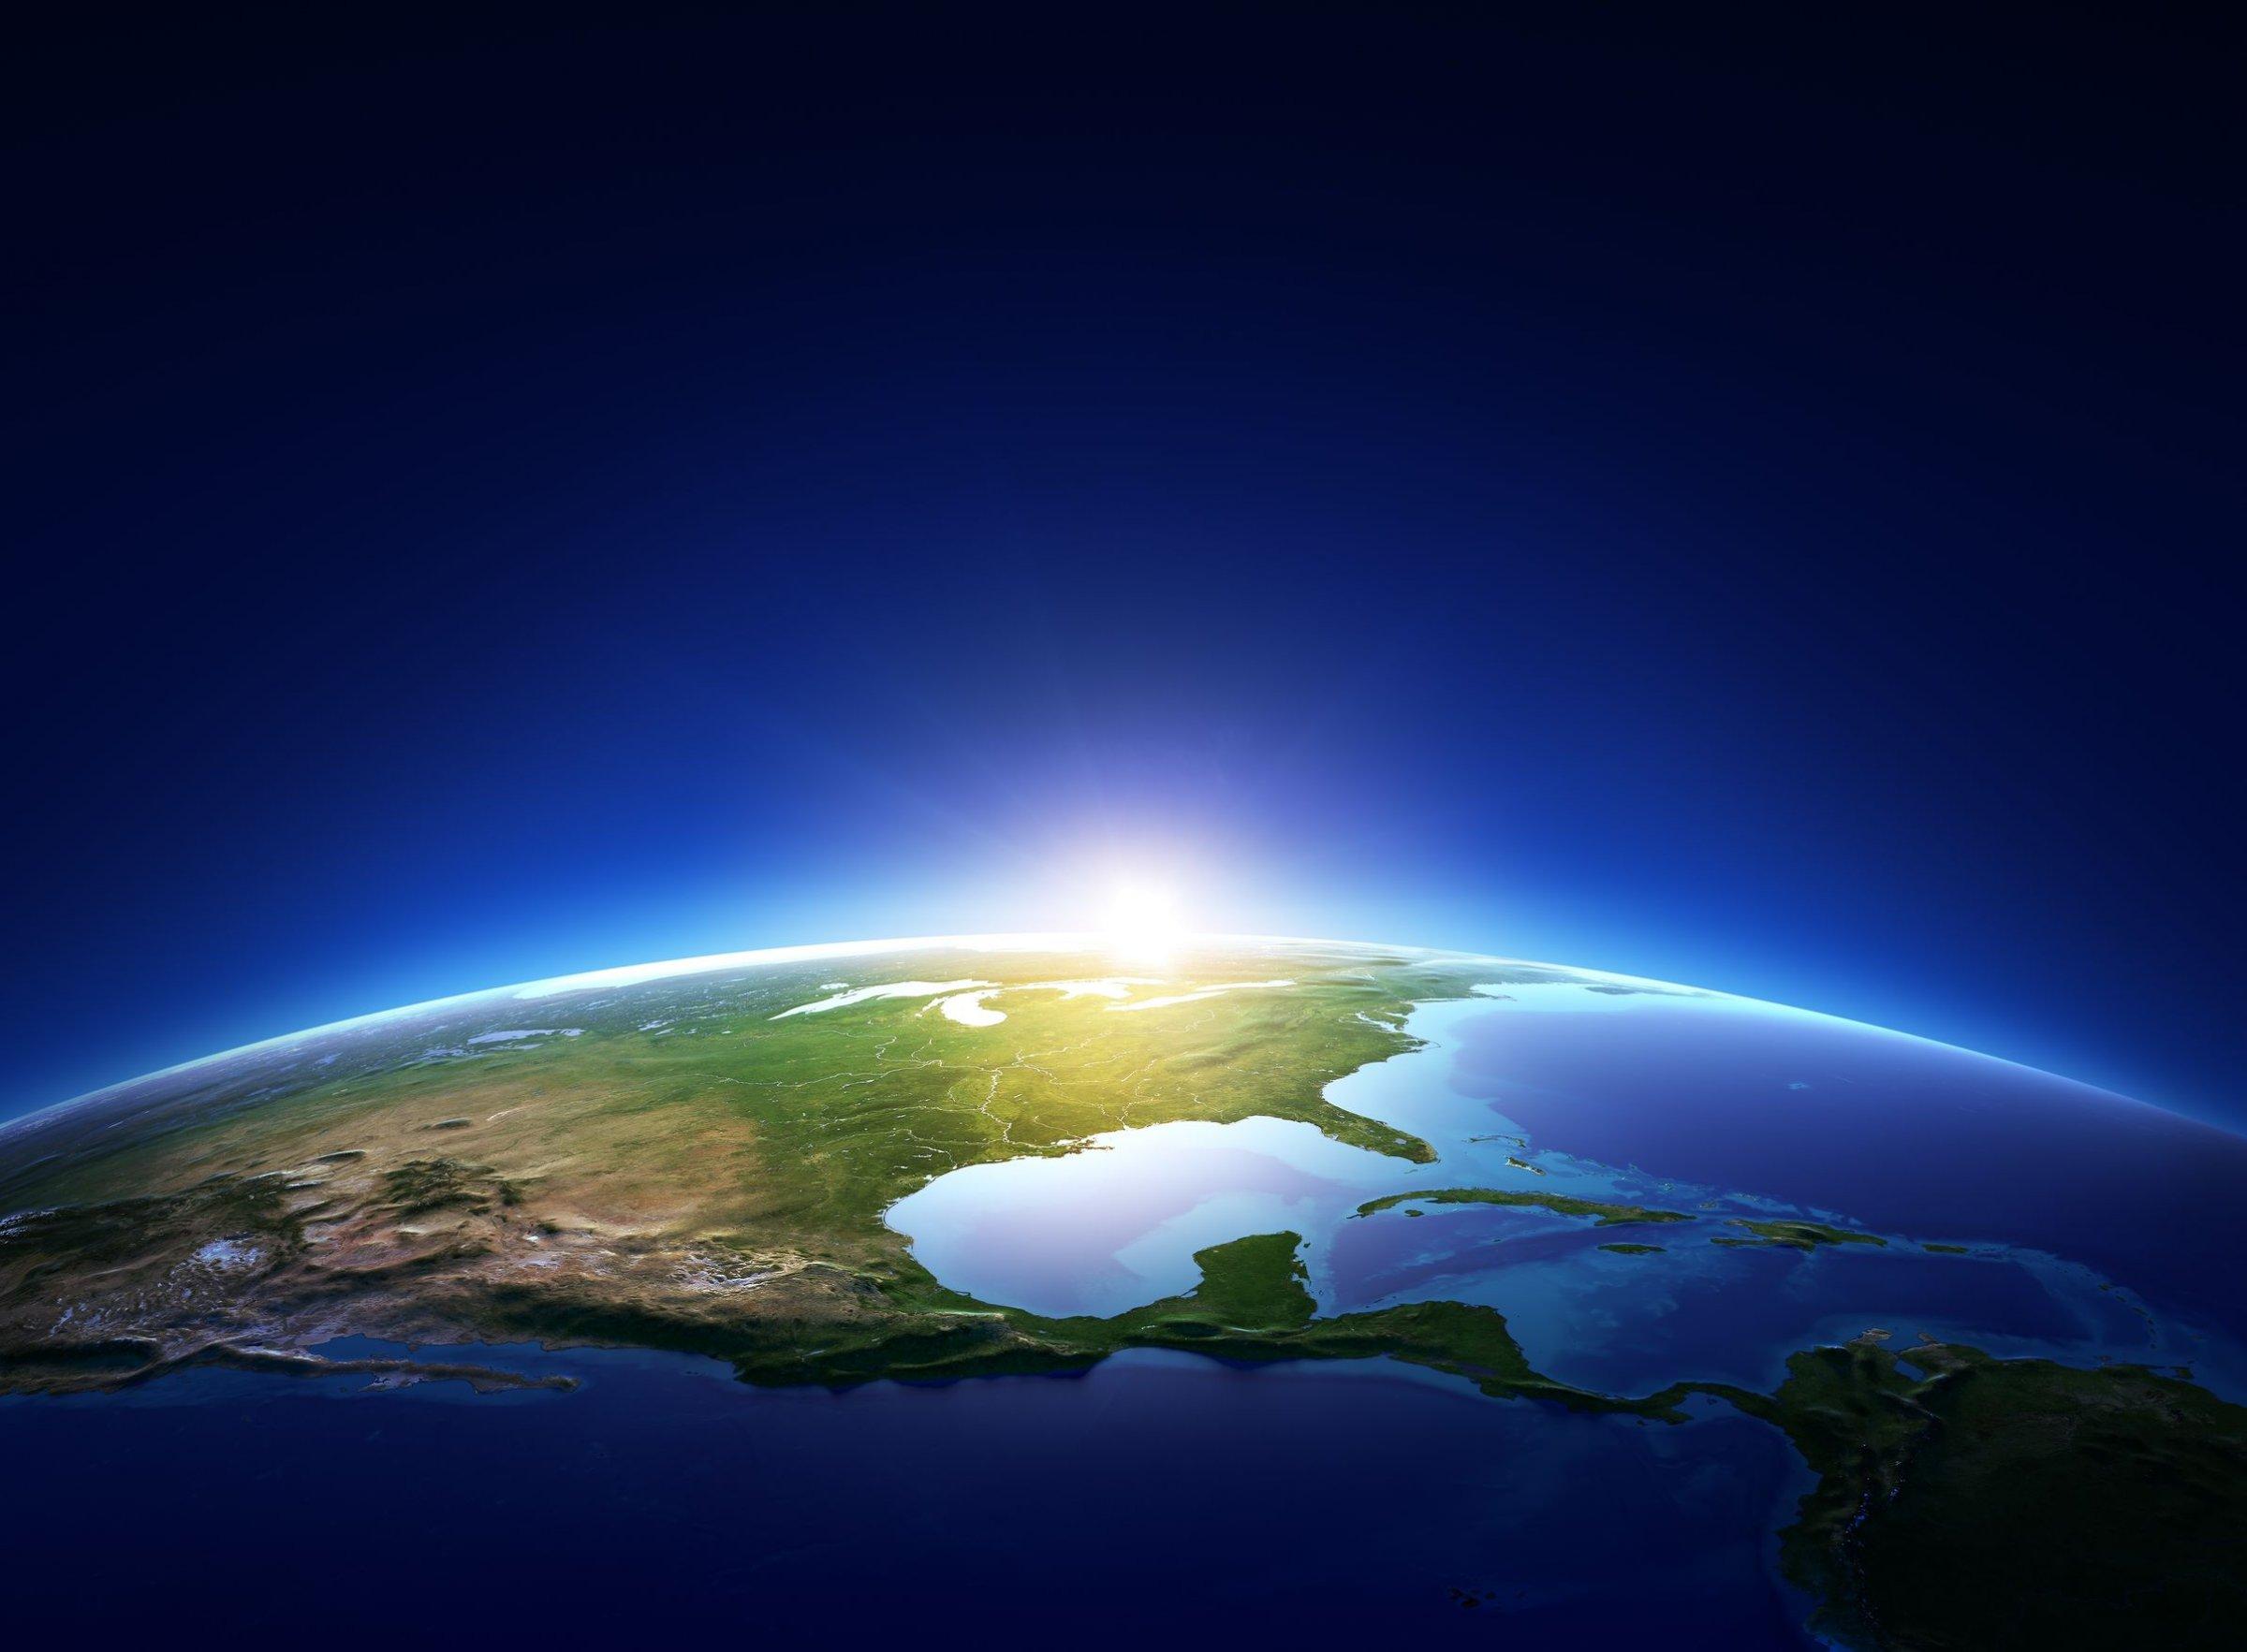 nu bruger vi flere ressourcer end jorden har til rådighed csr dk